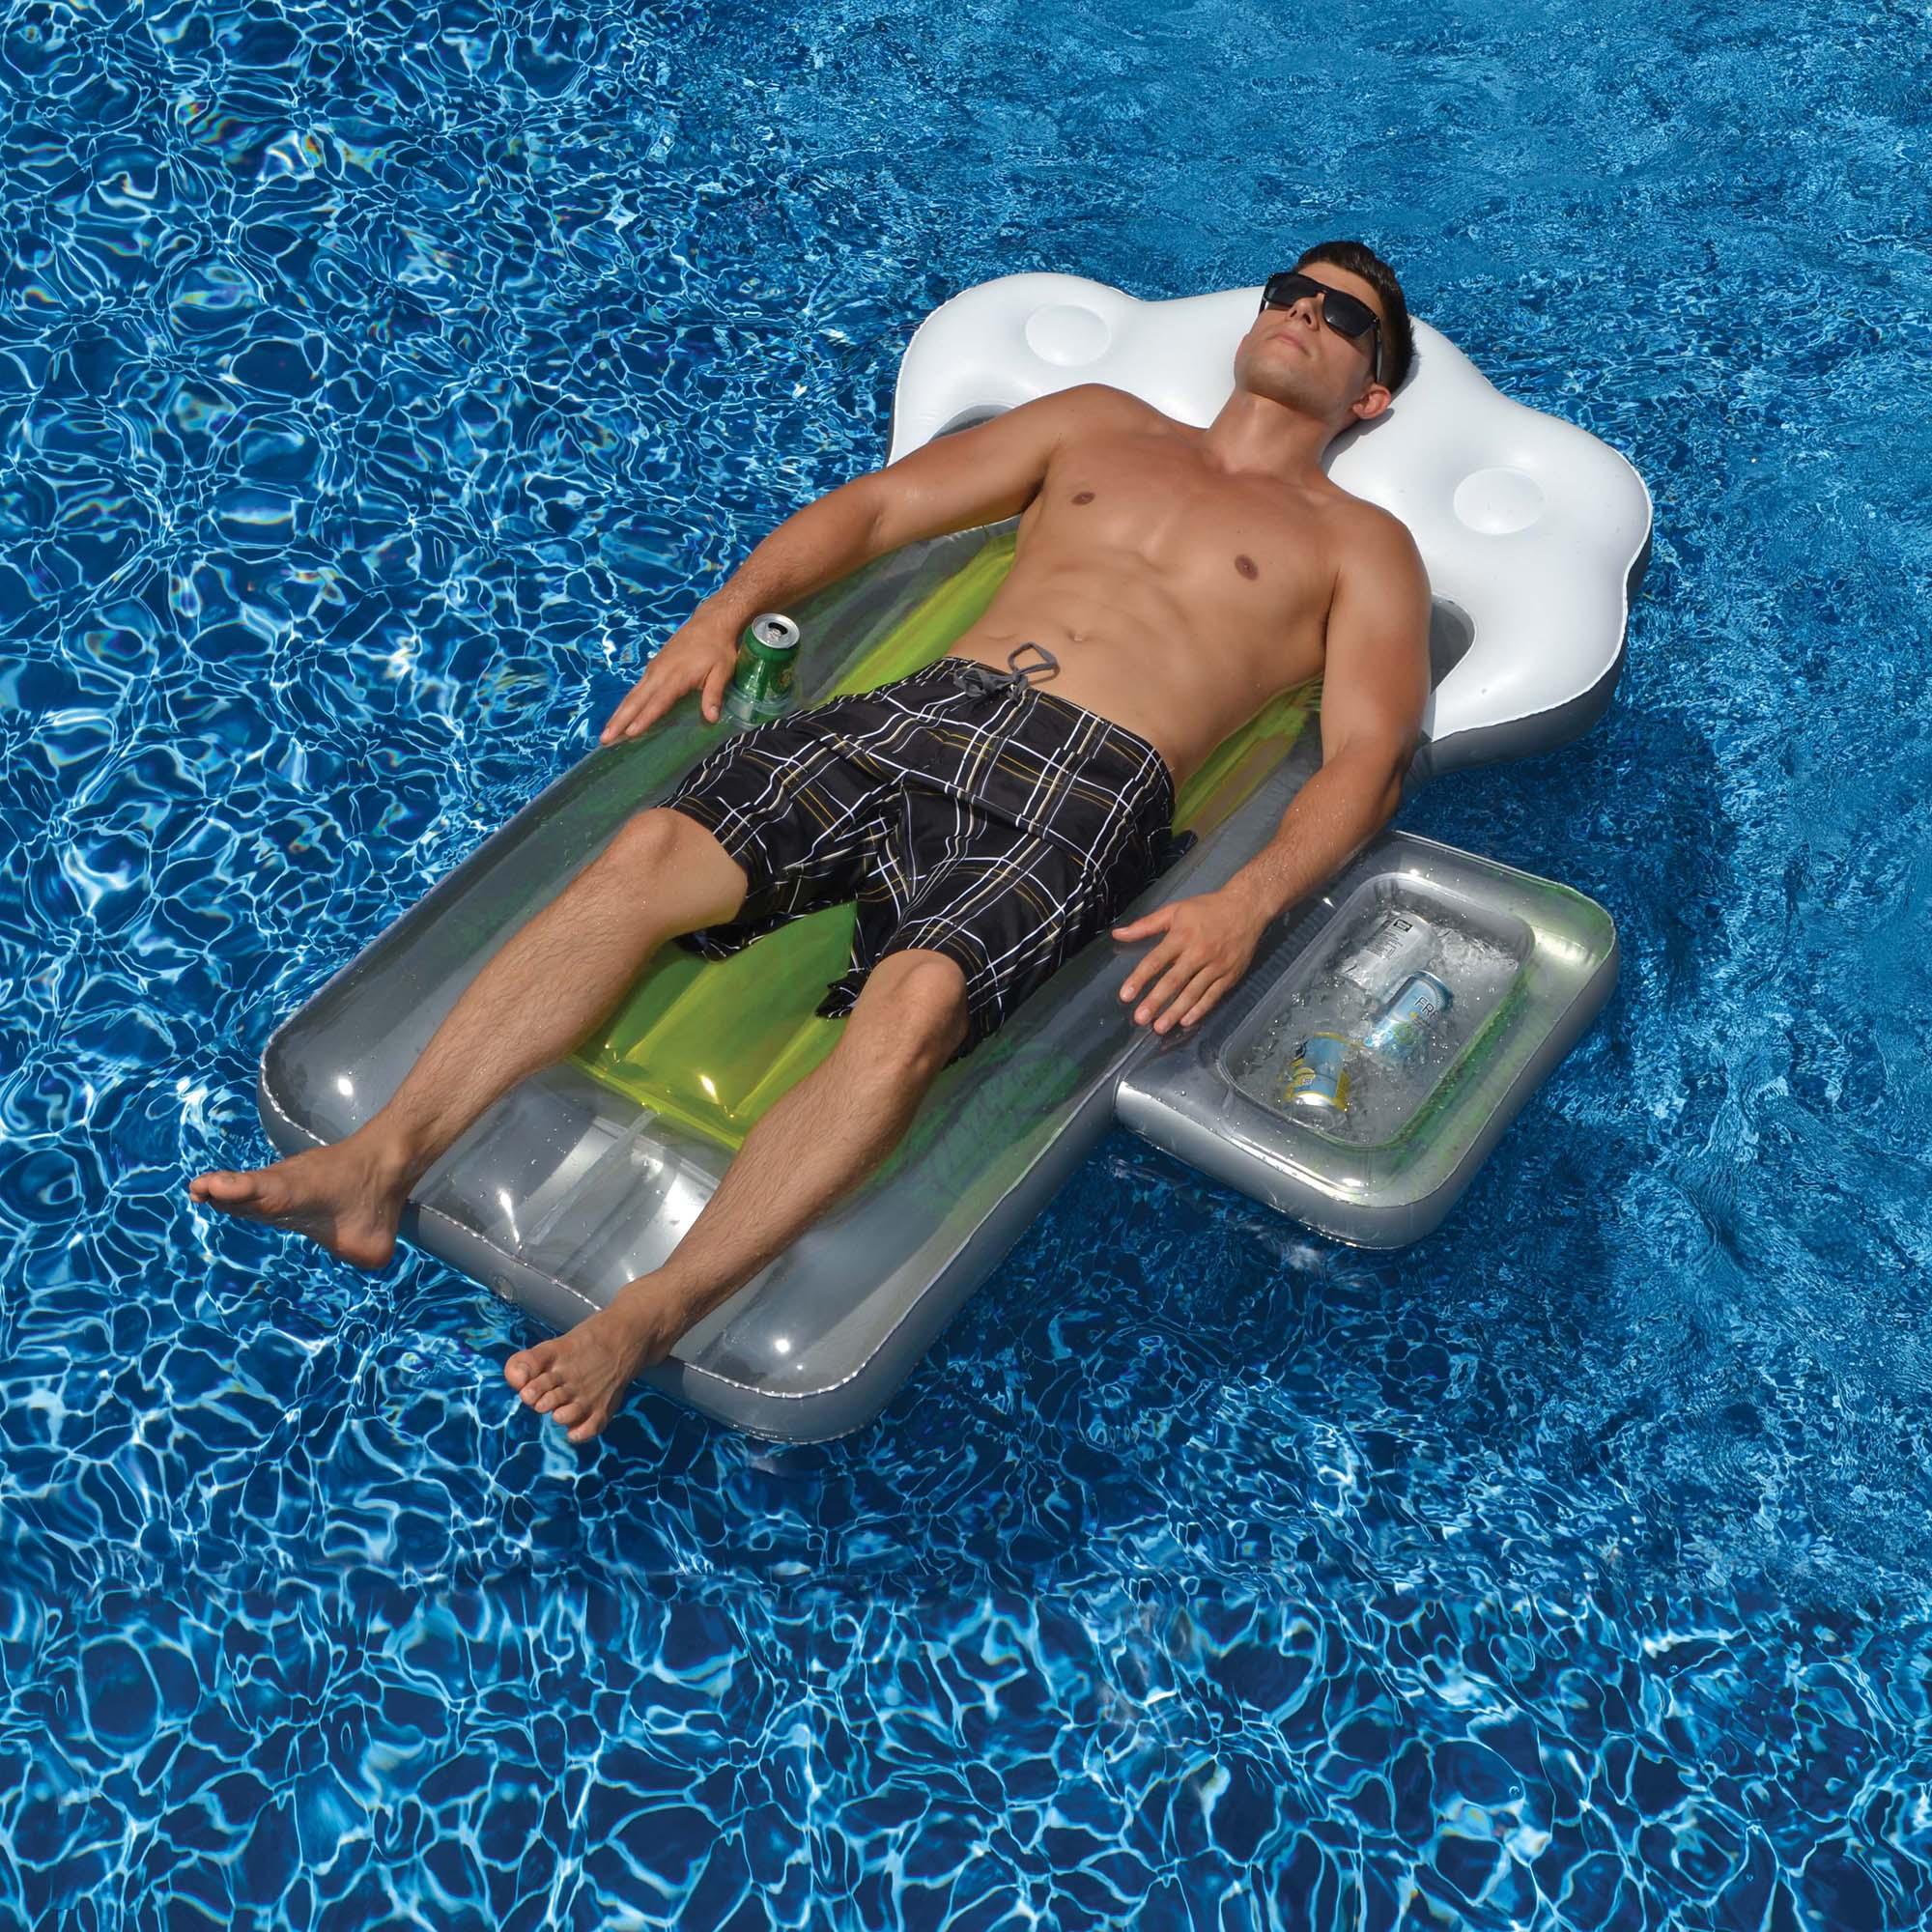 Swimline Beer Mug 72-in Inflatable Pool Float w/ Mini Cooler PartNumber: 05258551000P KsnValue: 7819914 MfgPartNumber: NT1765